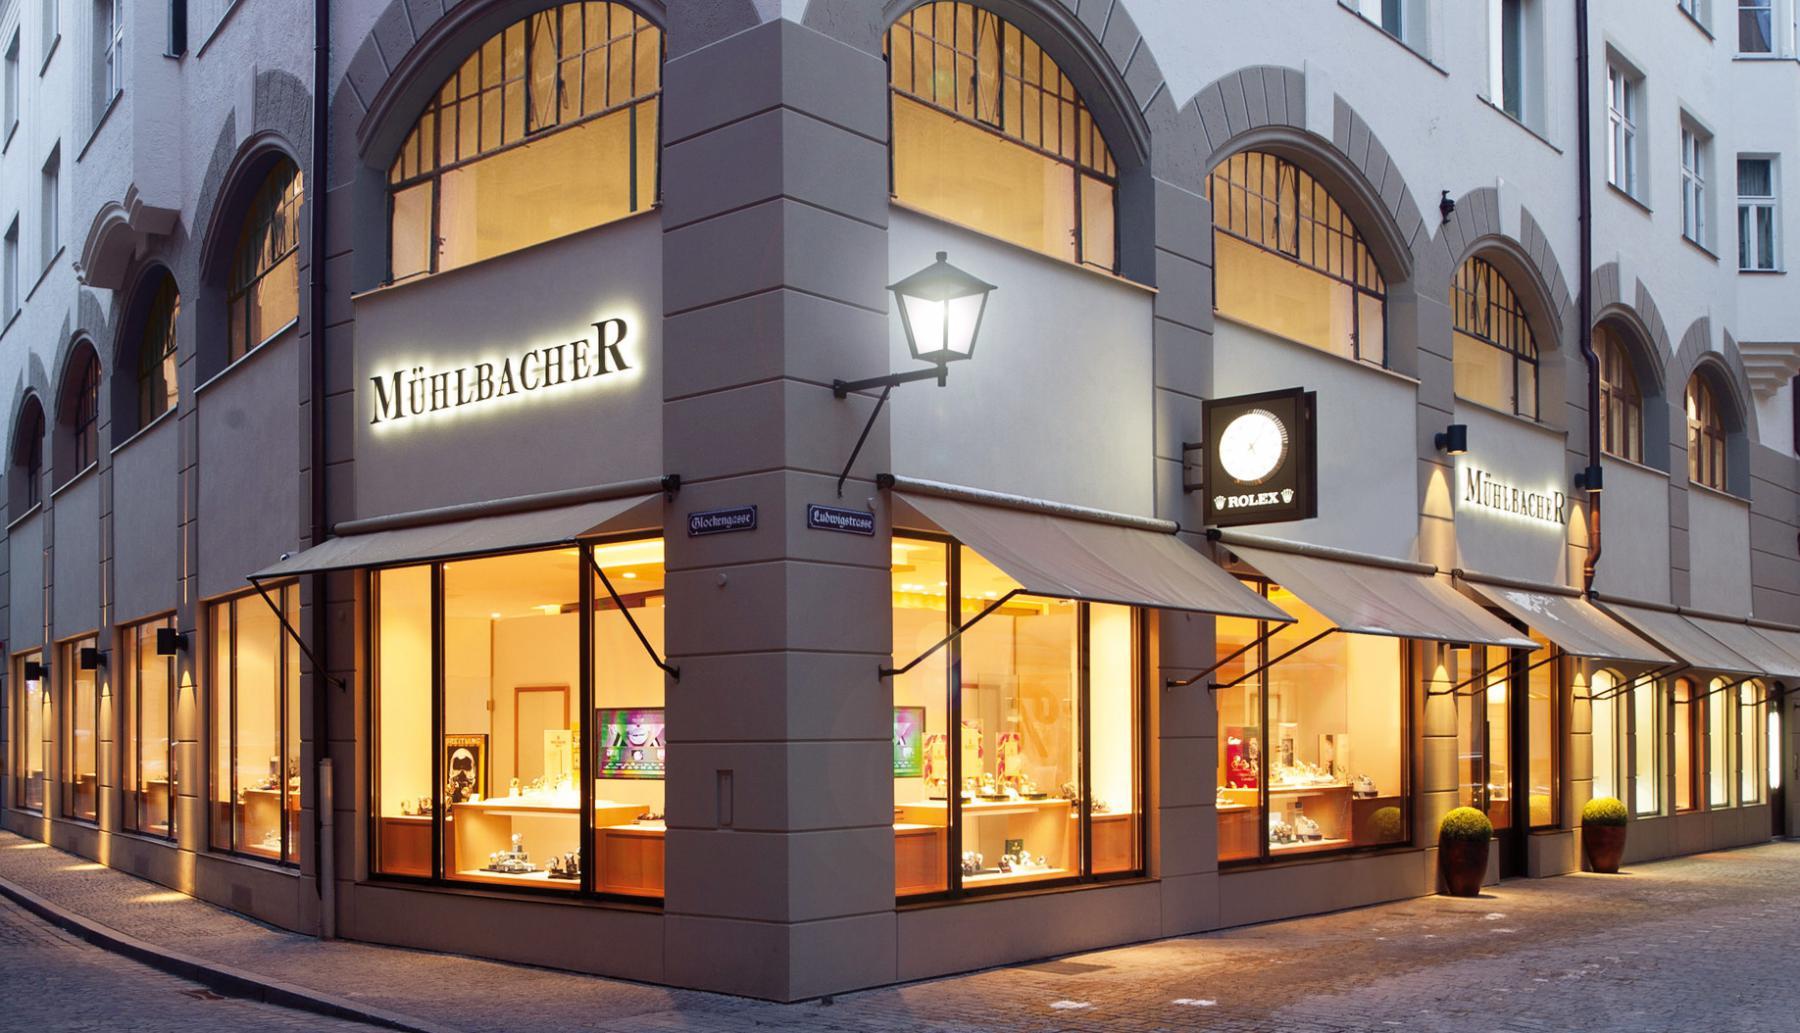 produkte von hofjuwelier m hlbacher in regensburg. Black Bedroom Furniture Sets. Home Design Ideas